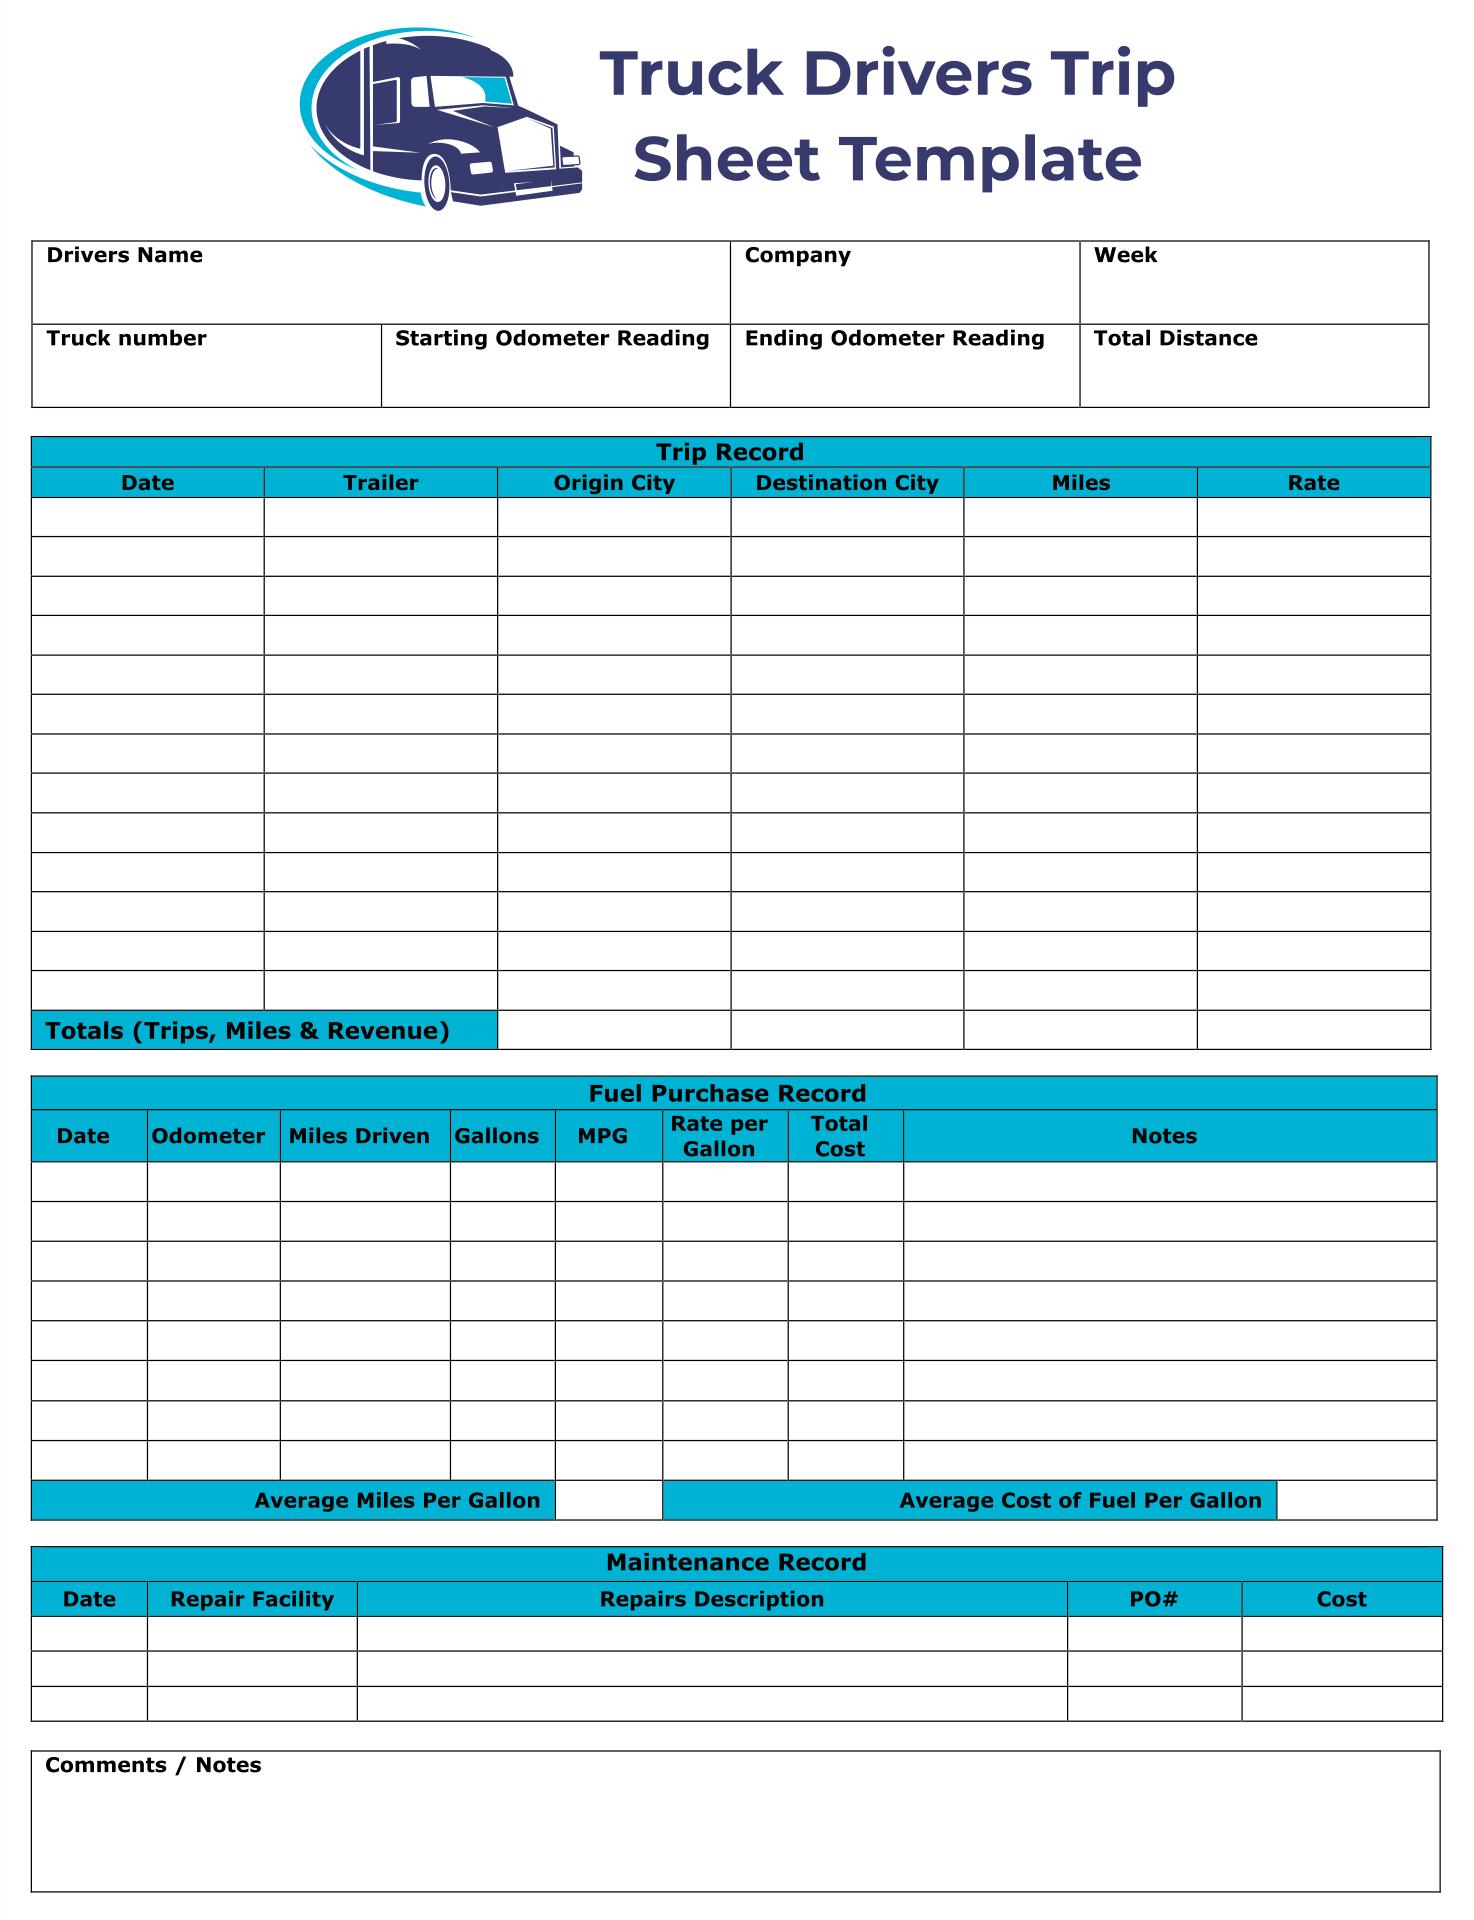 Truck Drivers Trip Sheet Template